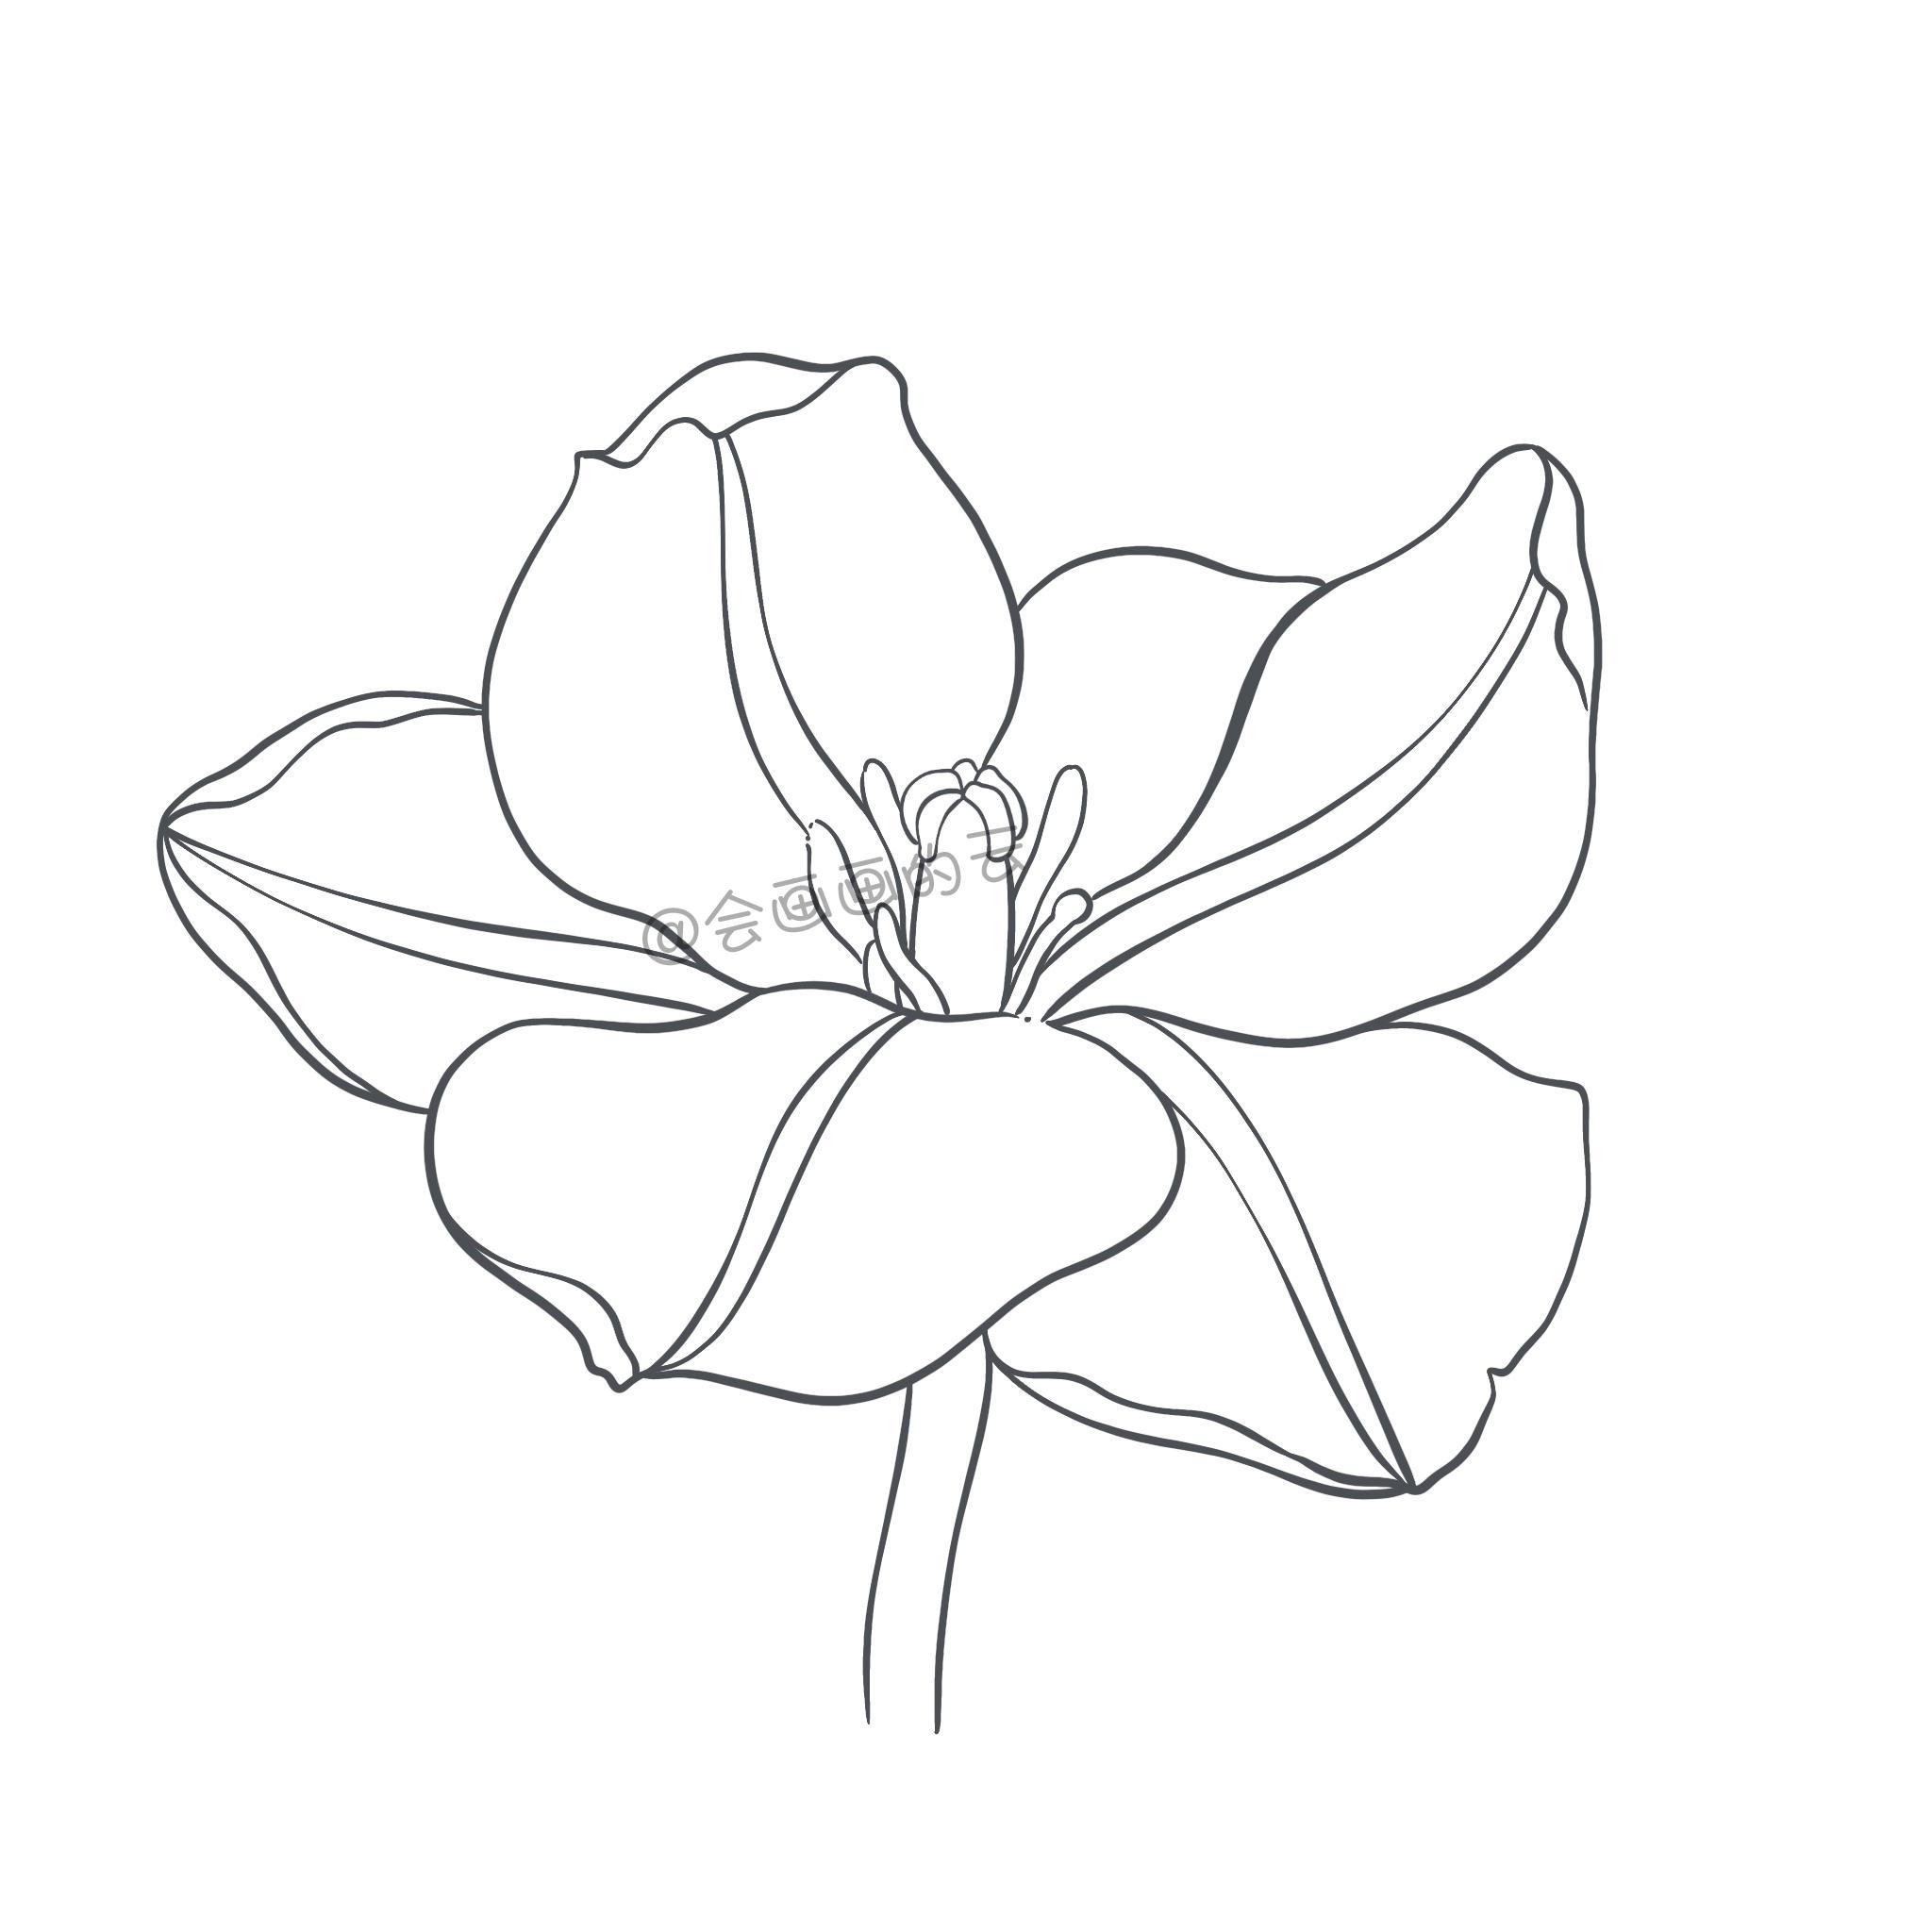 手把手教你画简笔画,干货满满,3款花卉任你选